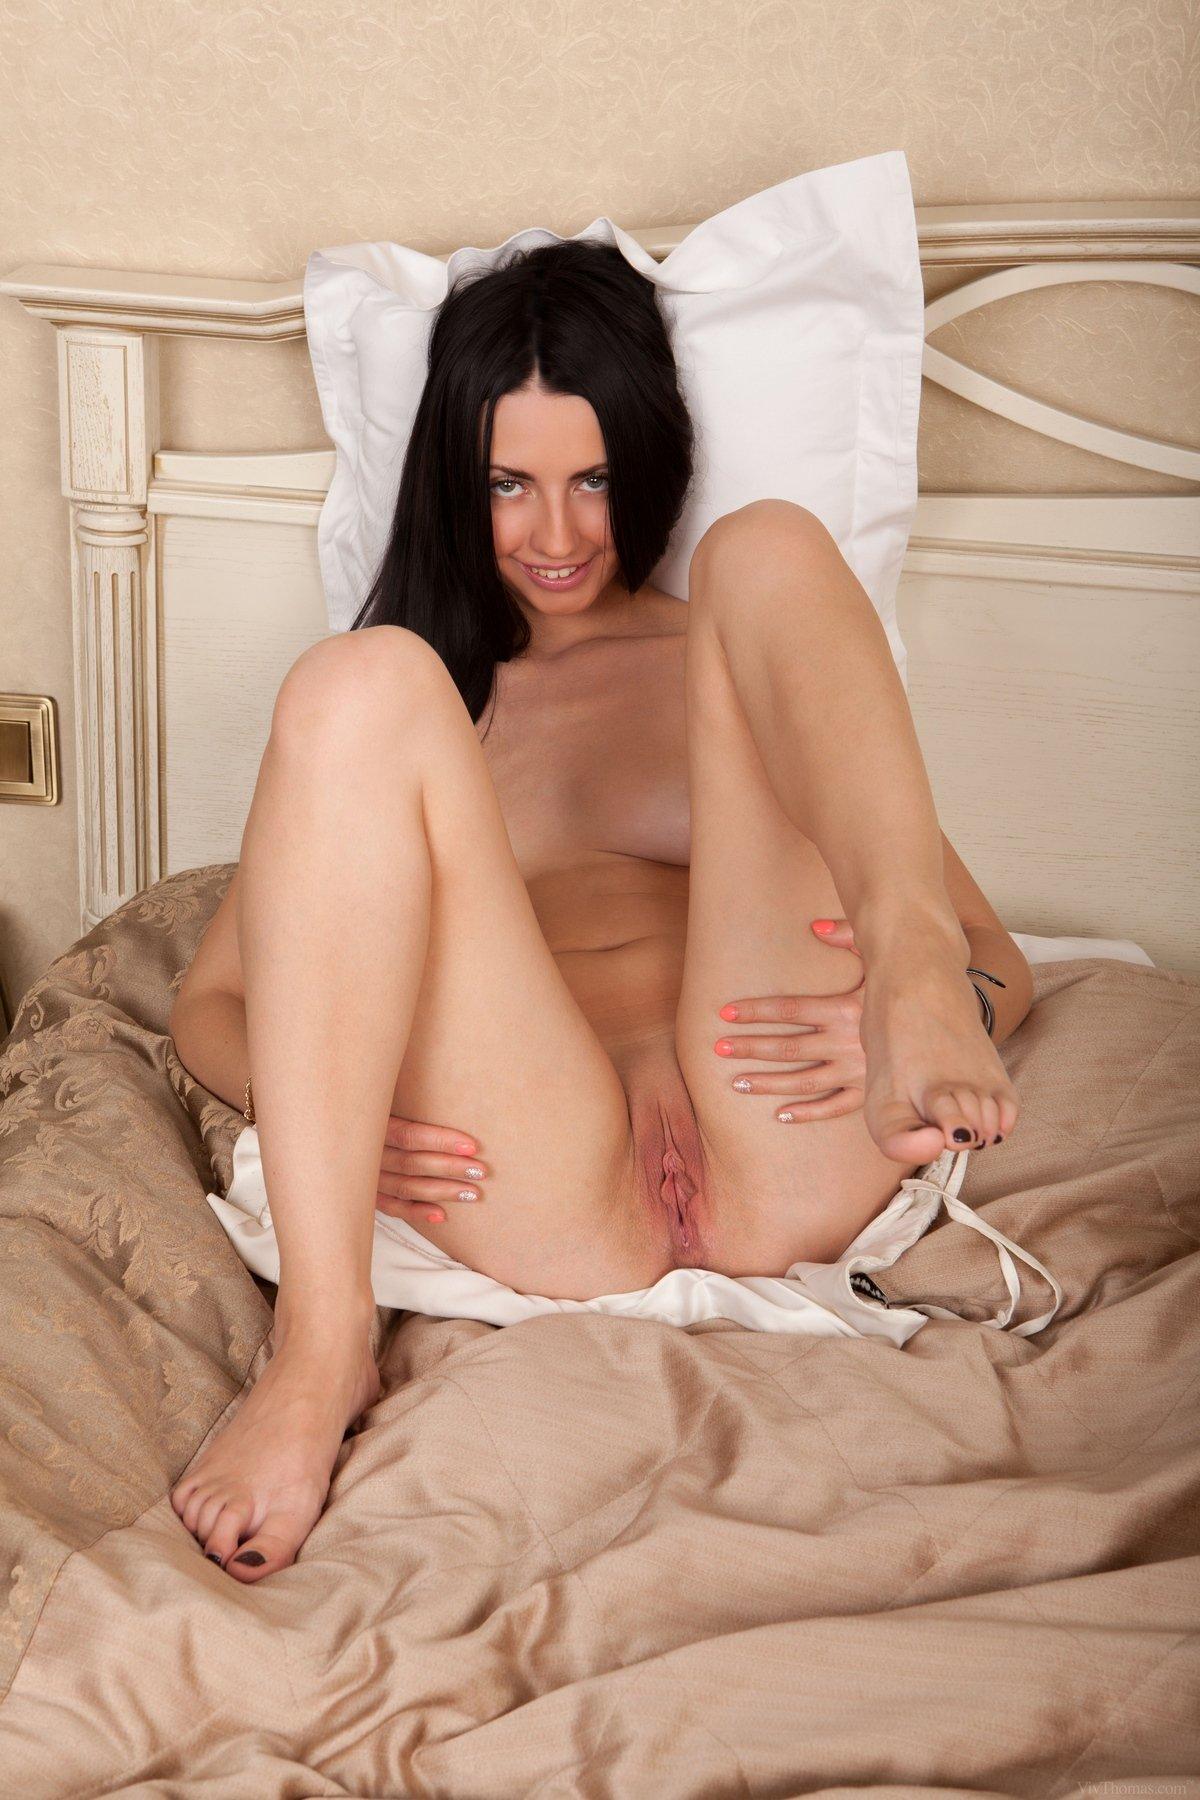 Шатенка в коротком платье валяется в спальне и оголяет письку